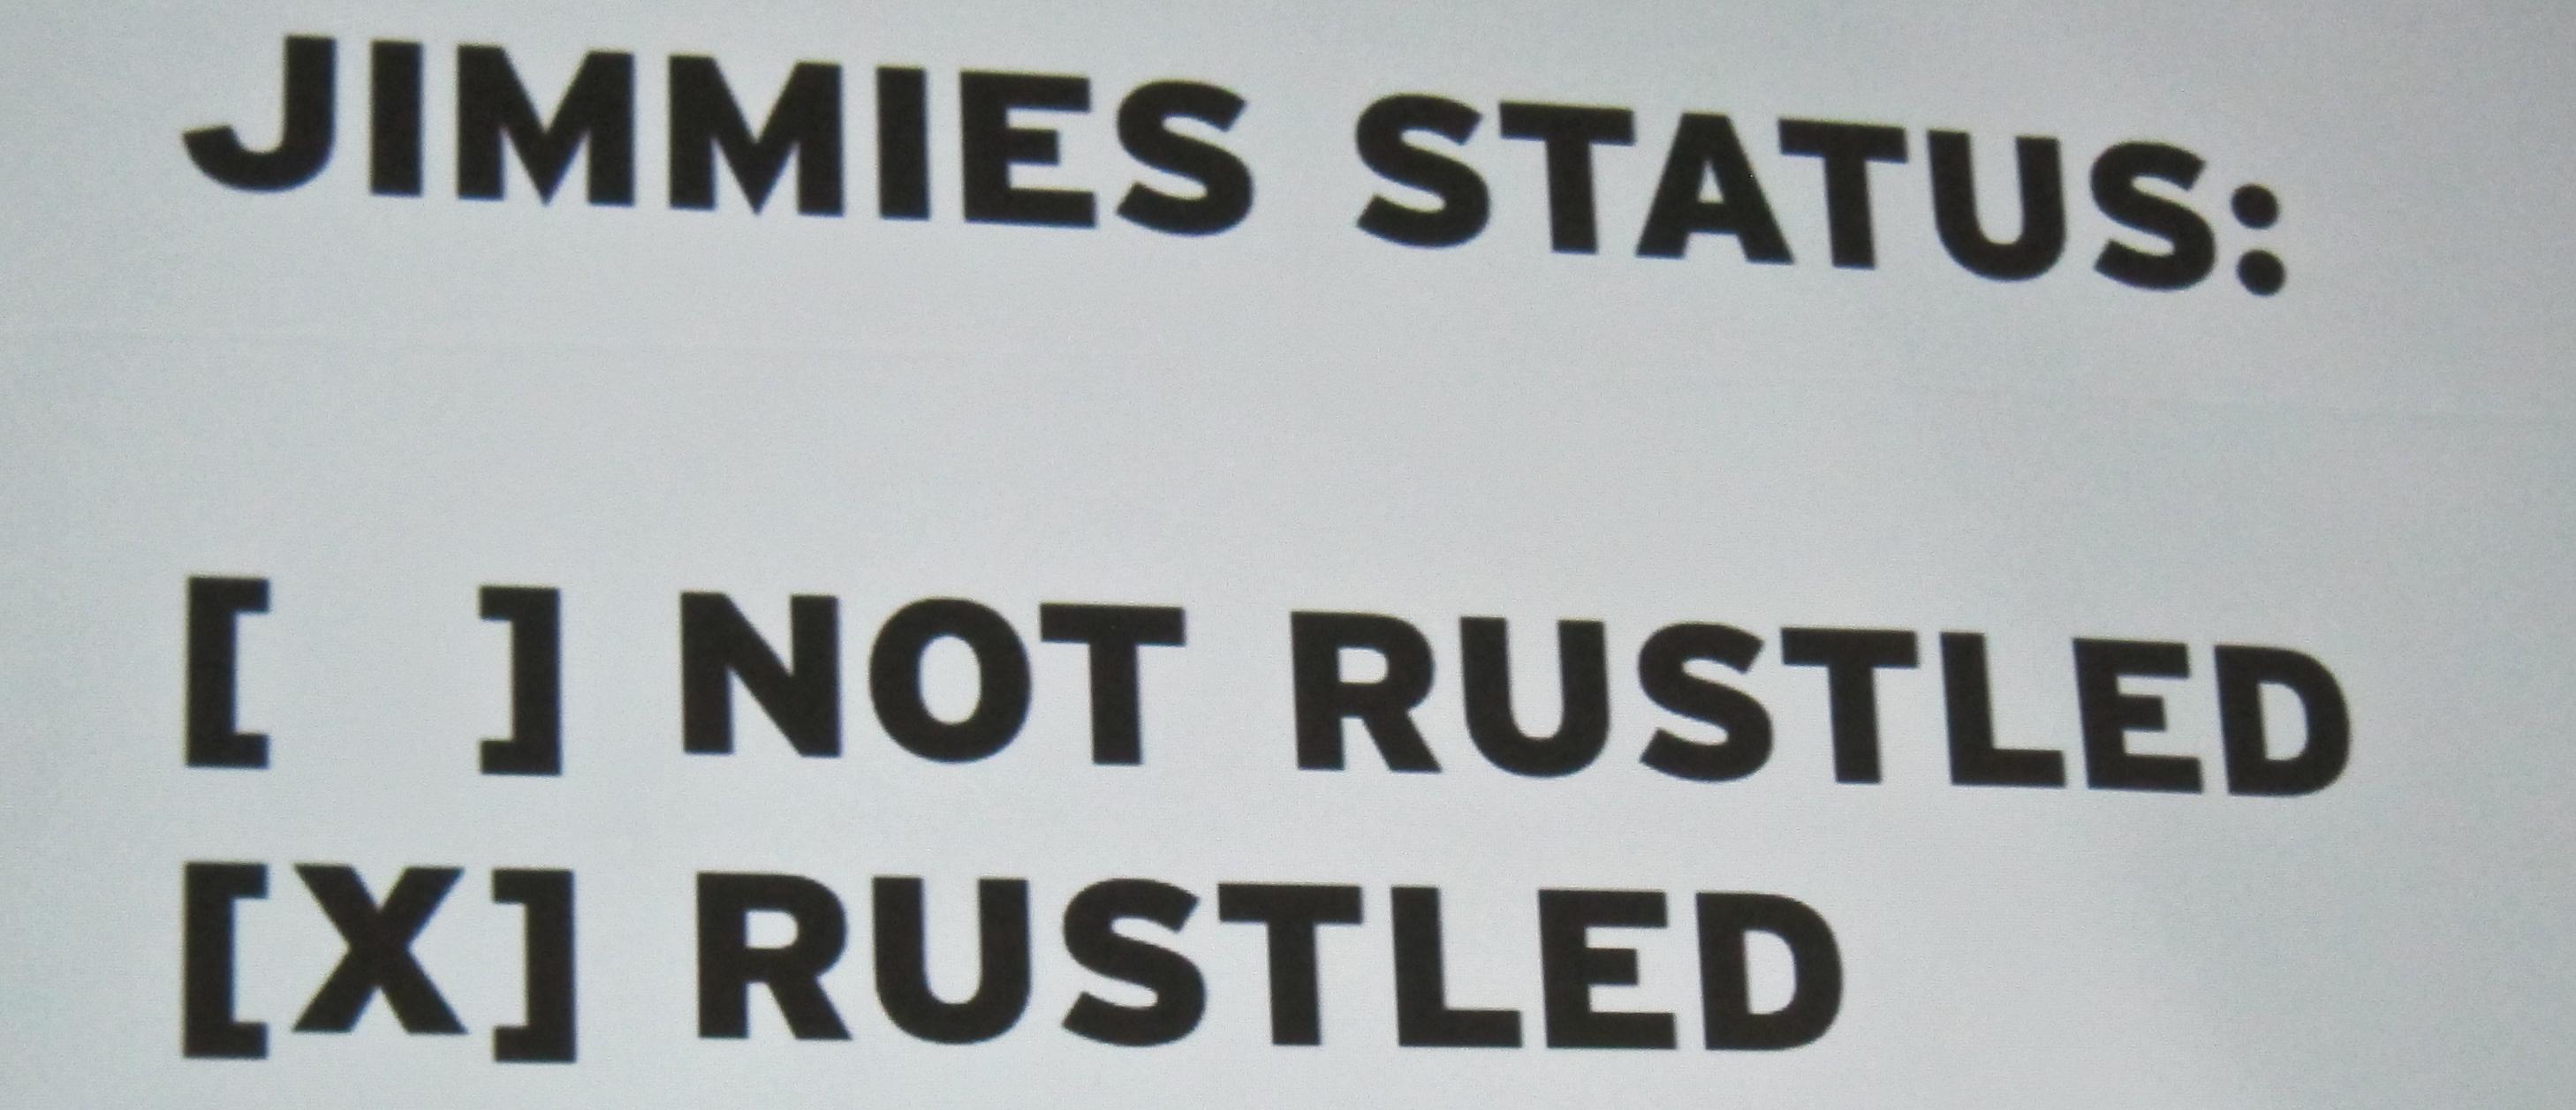 Jimmies-Rustled.jpg